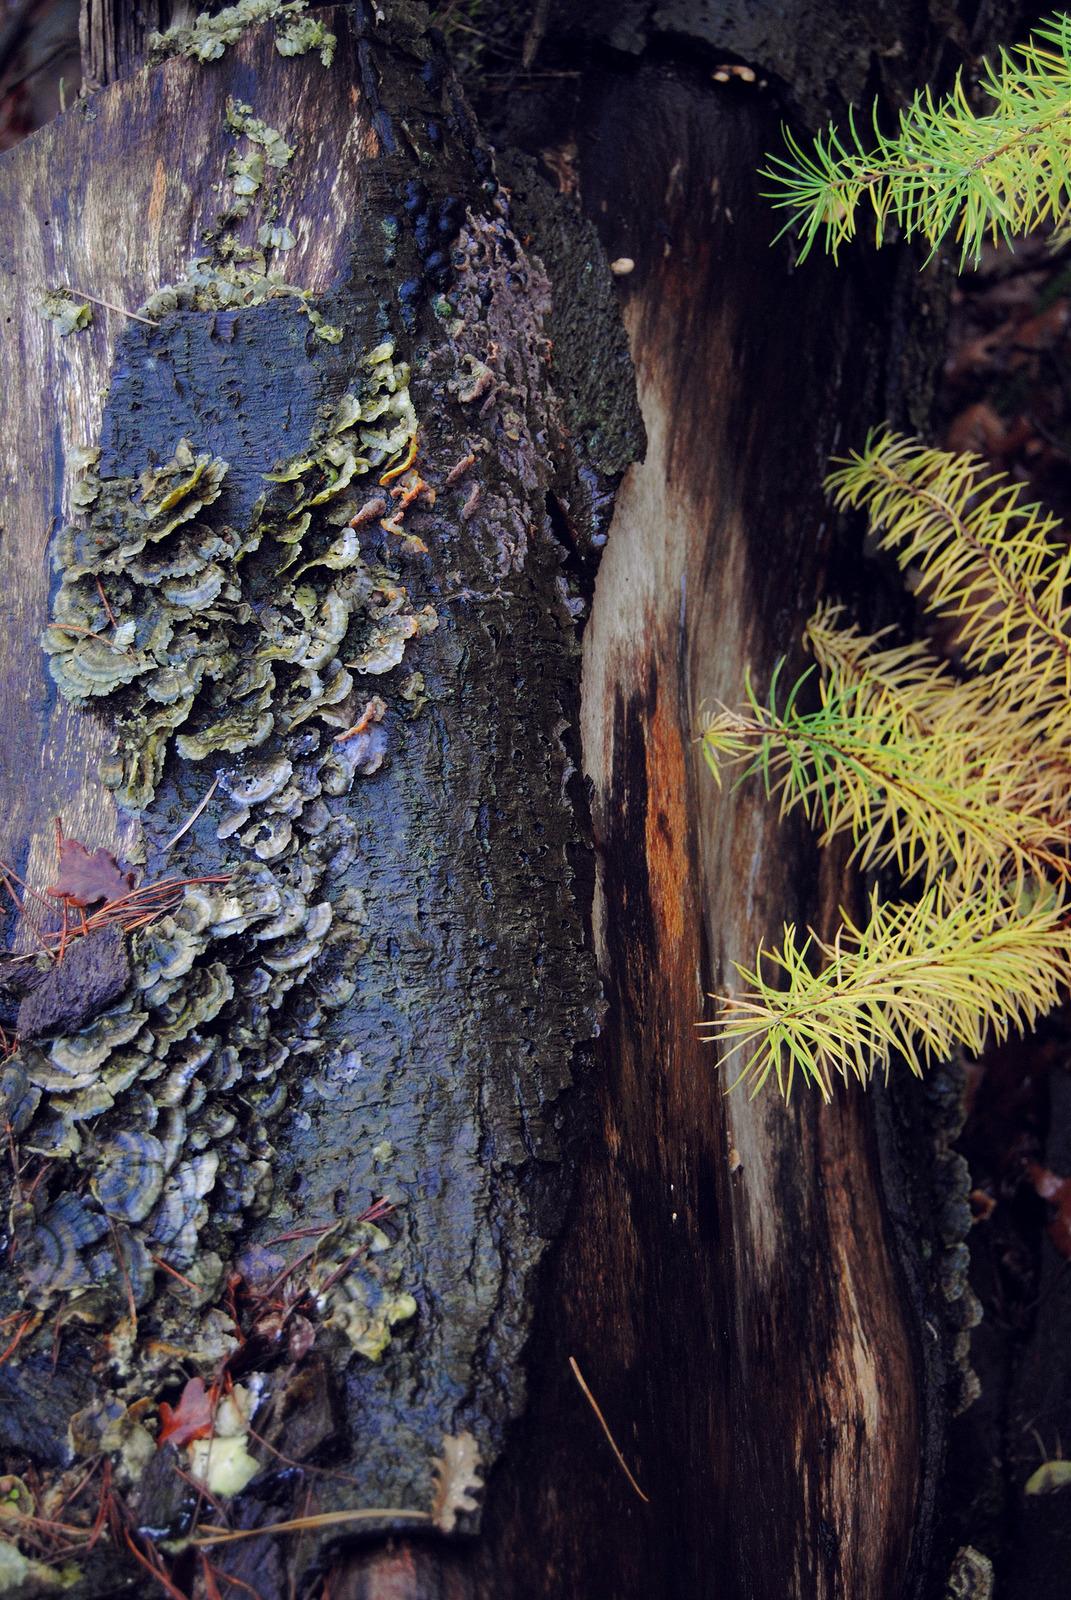 Fungus grows on a fallen tree